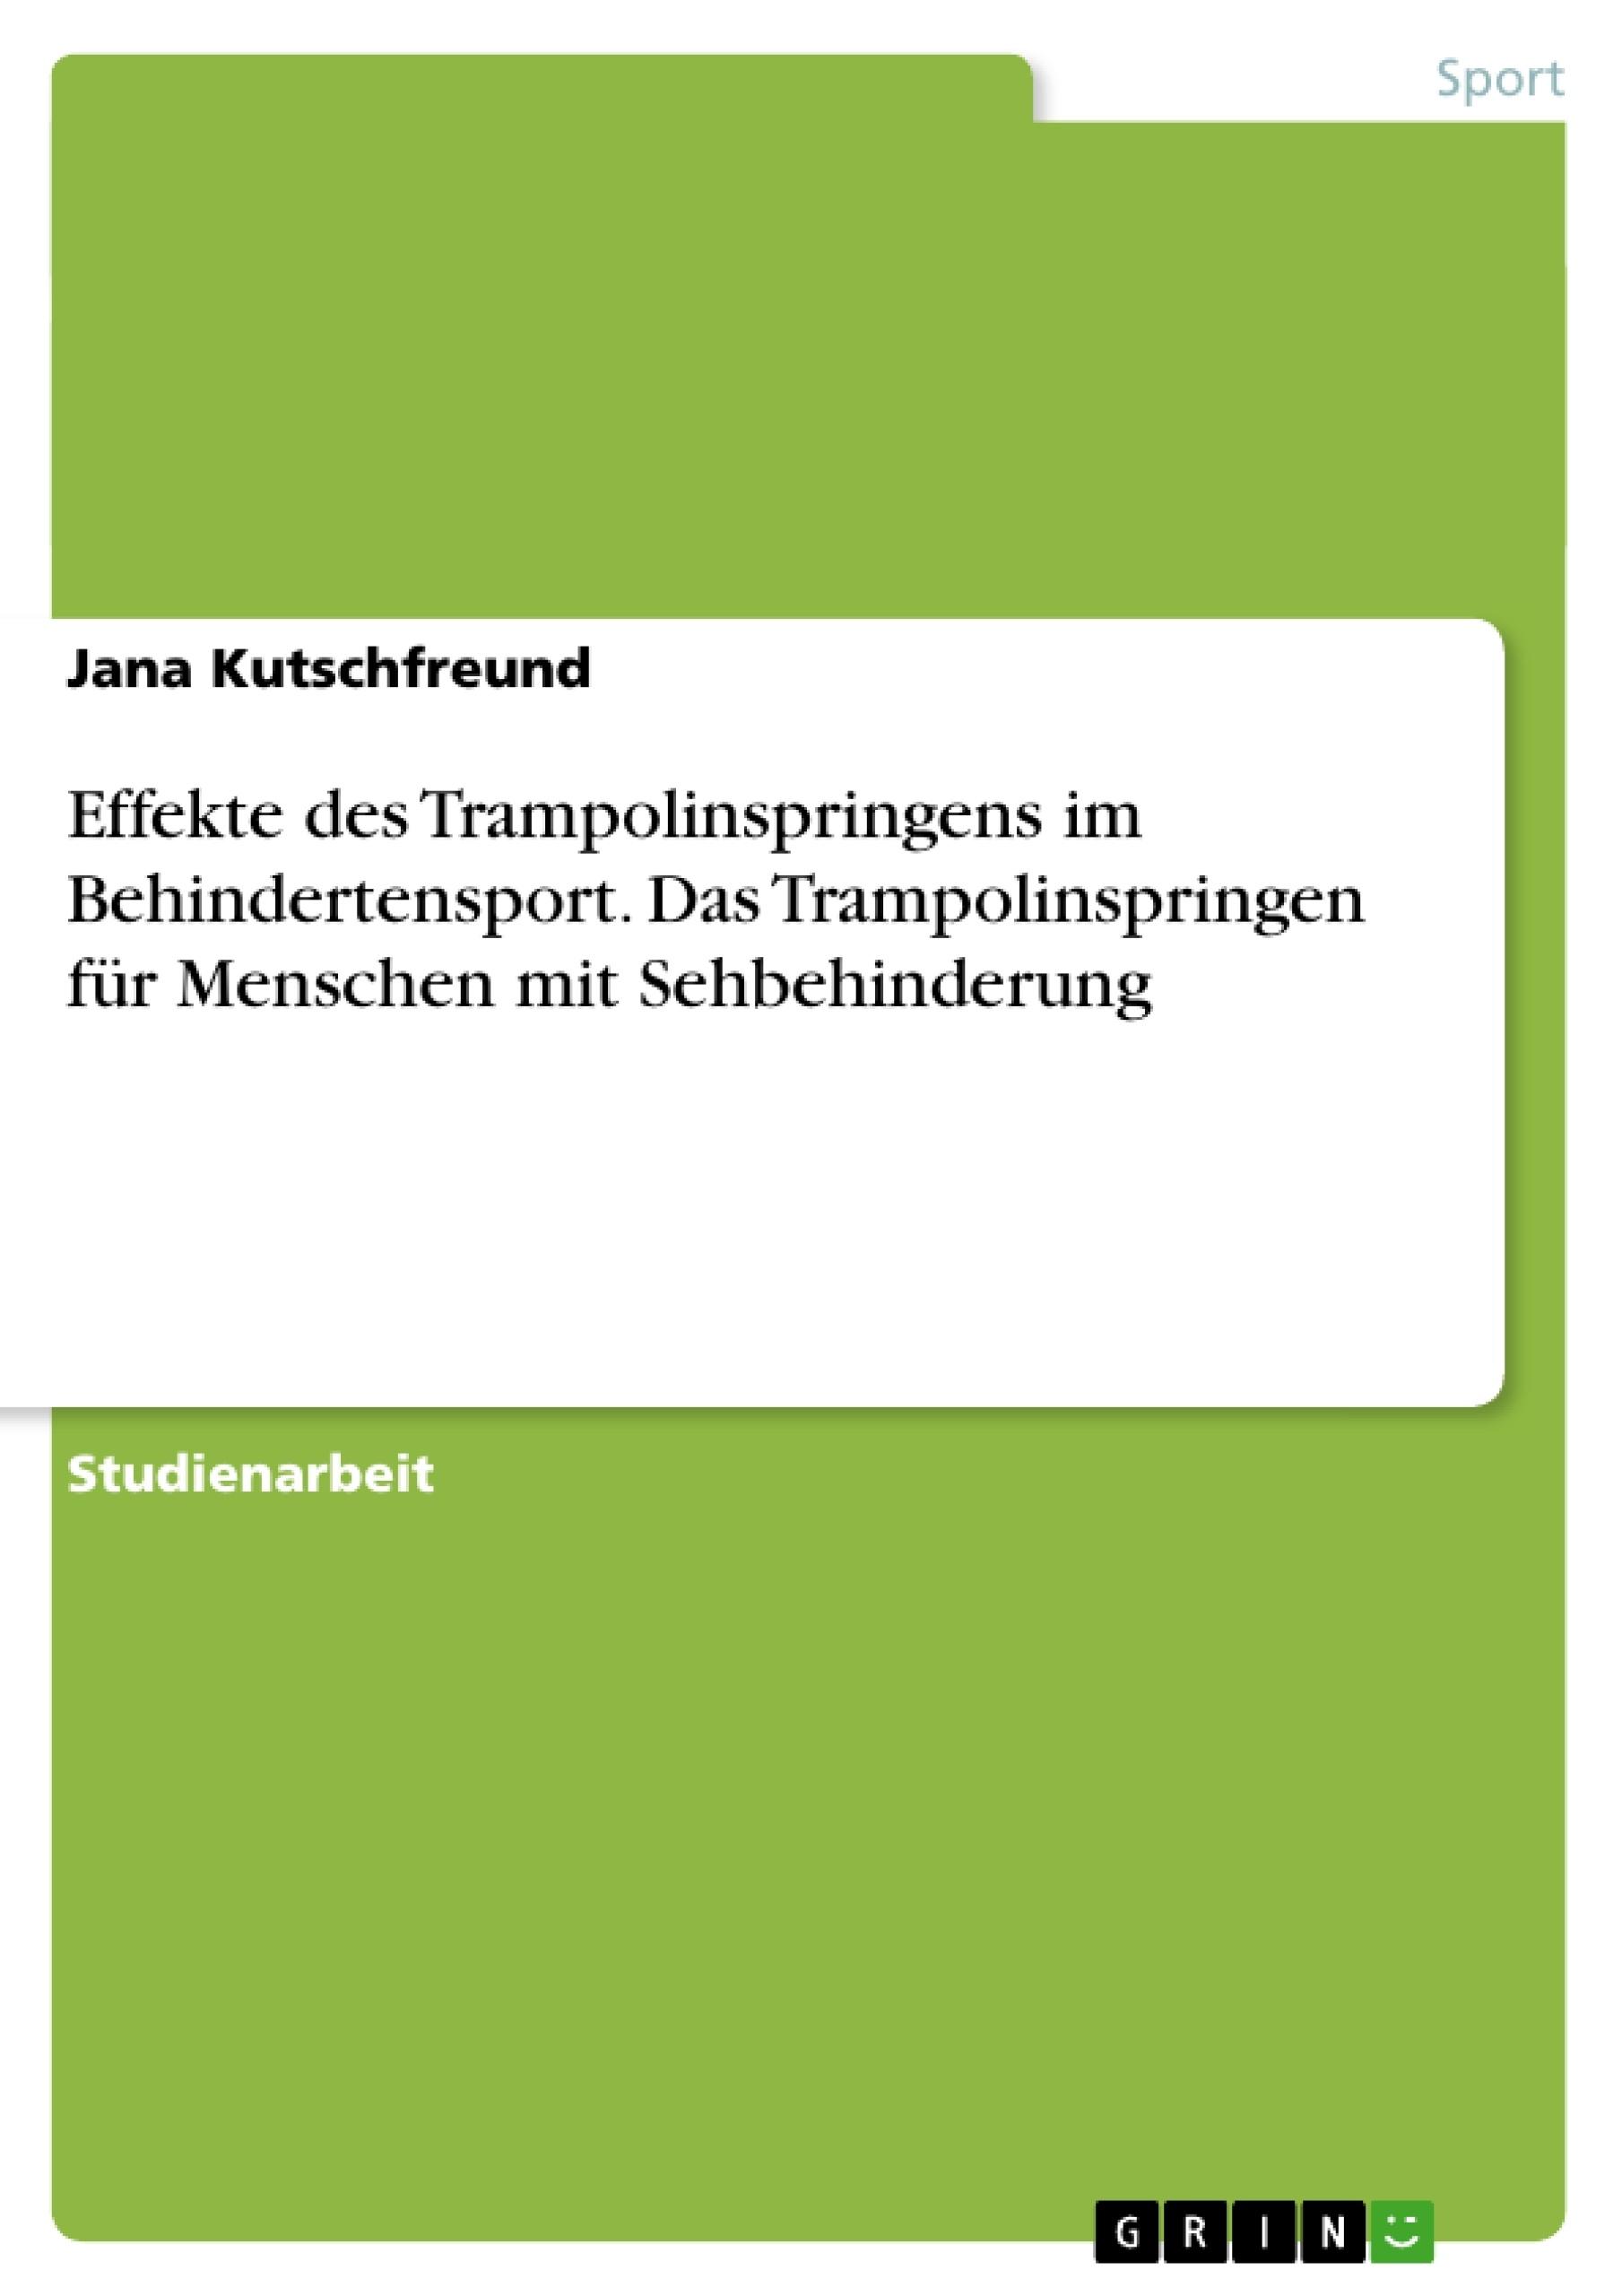 Titel: Effekte des Trampolinspringens im Behindertensport. Das Trampolinspringen für Menschen mit Sehbehinderung